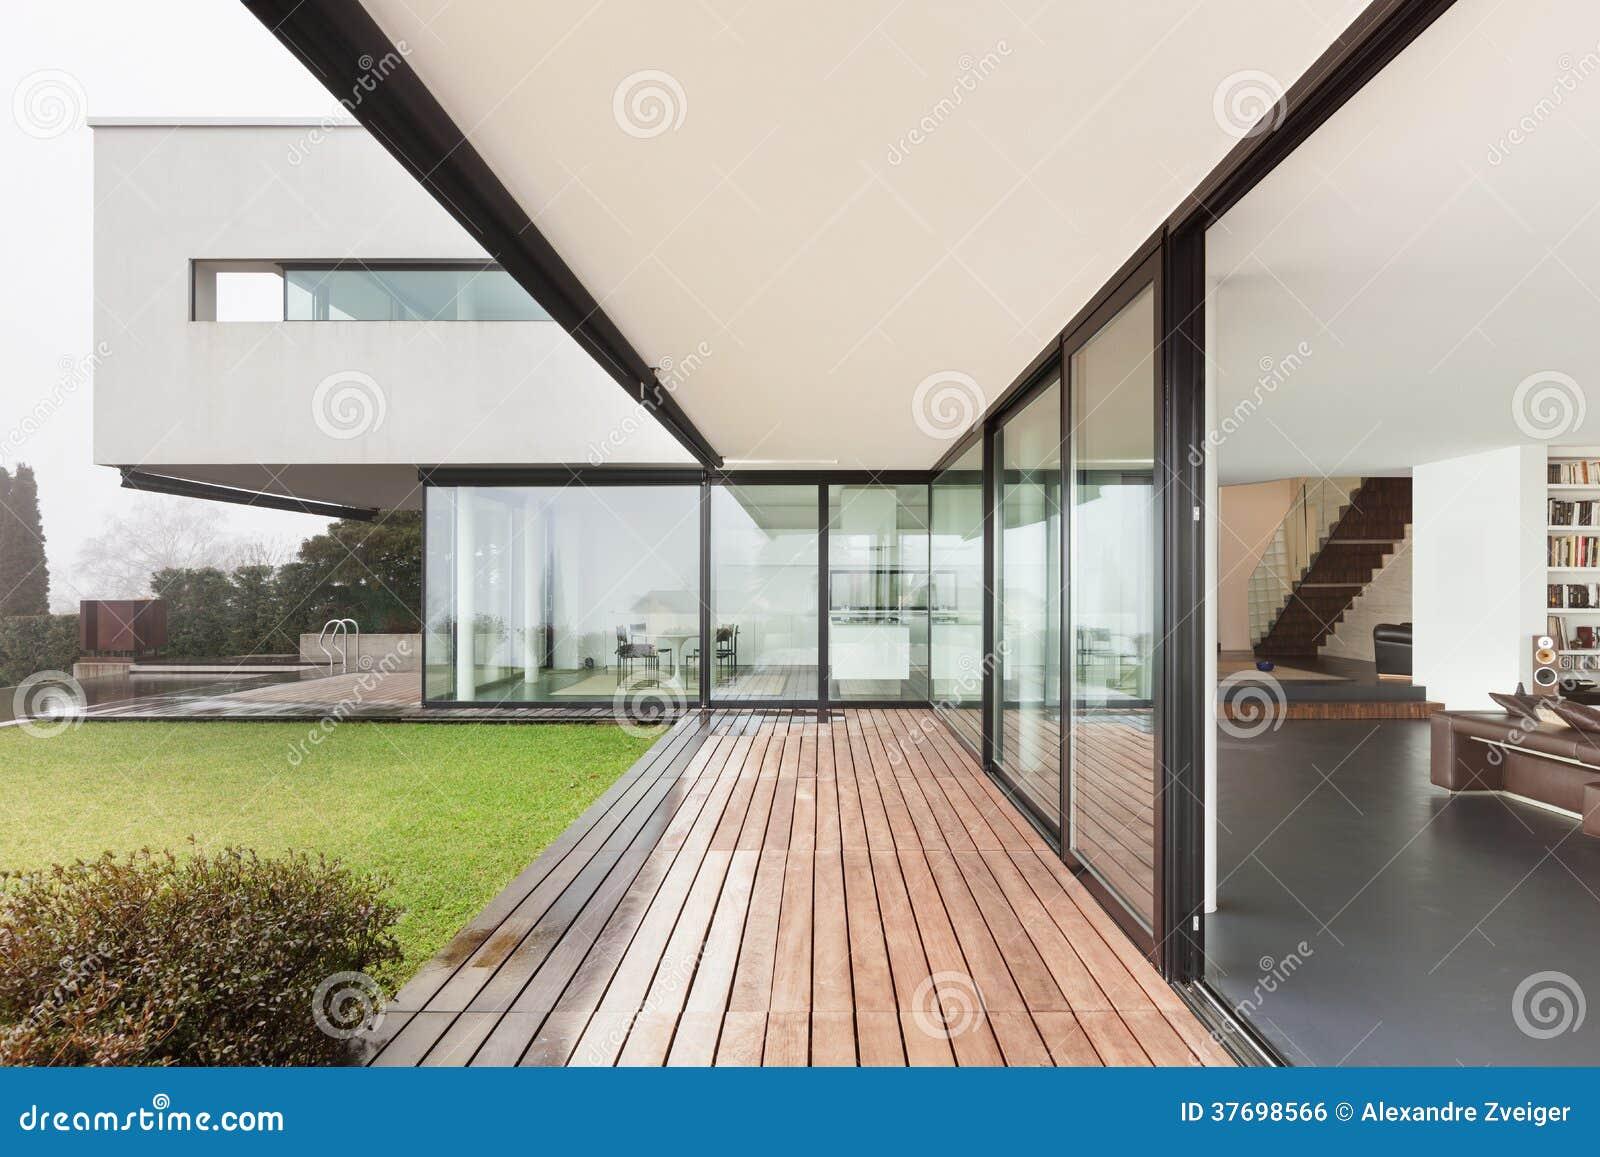 Architettura, bello interno di una villa moderna